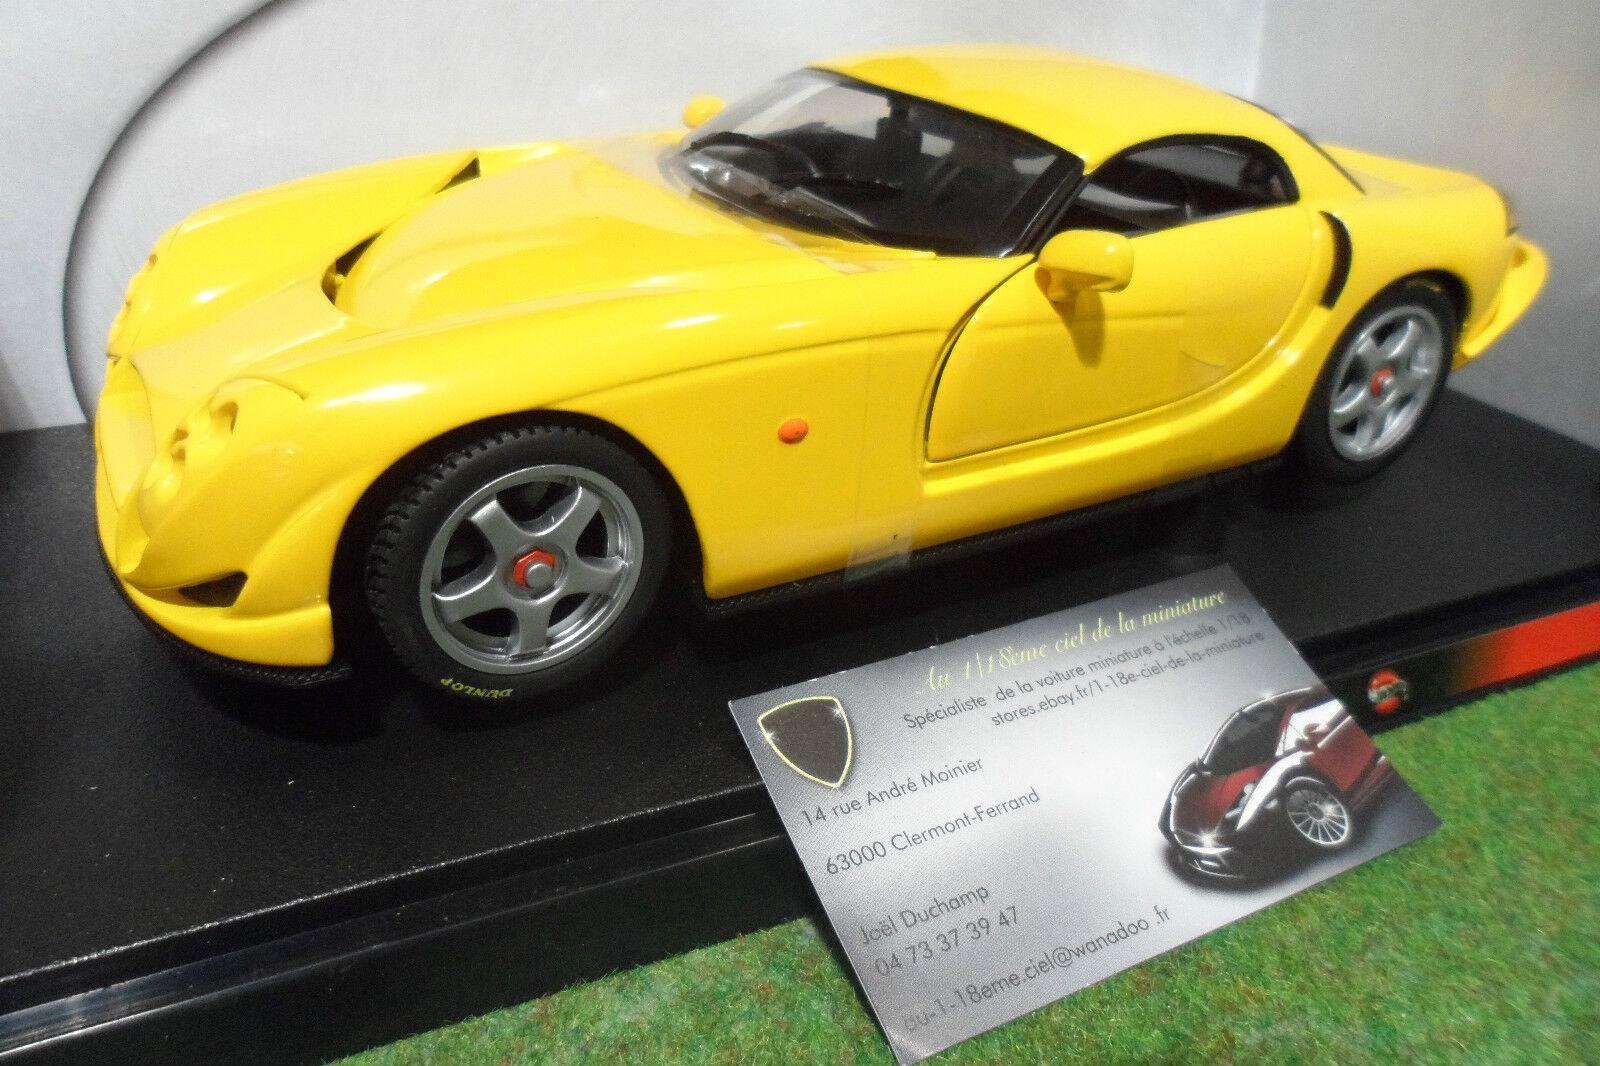 TVR SPEED 12 Jaune European series au 1 18 HOT WHEELS B4171 voiture miniature